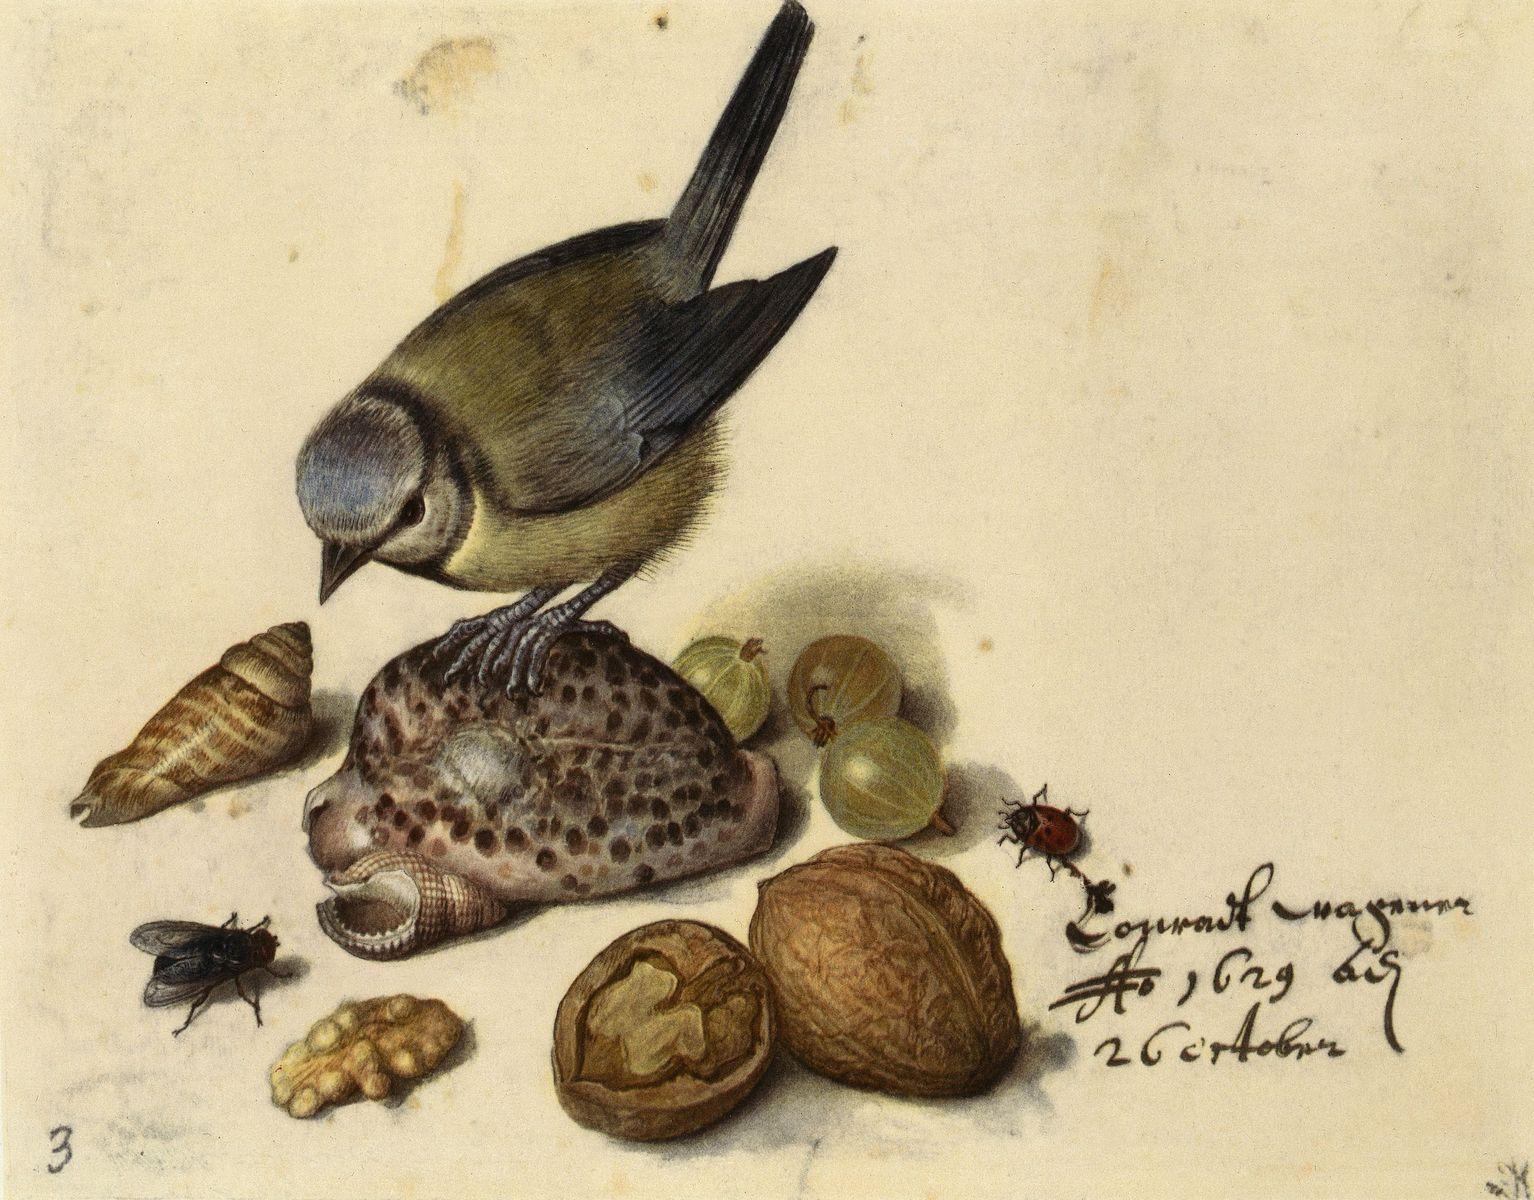 Georg Flegel: Stilleben mit Blaumeise, Muscheln, Früchten und Insekten (1629);  (c) bpk / Kupferstichkabinett, SMB / Jörg P. Anders